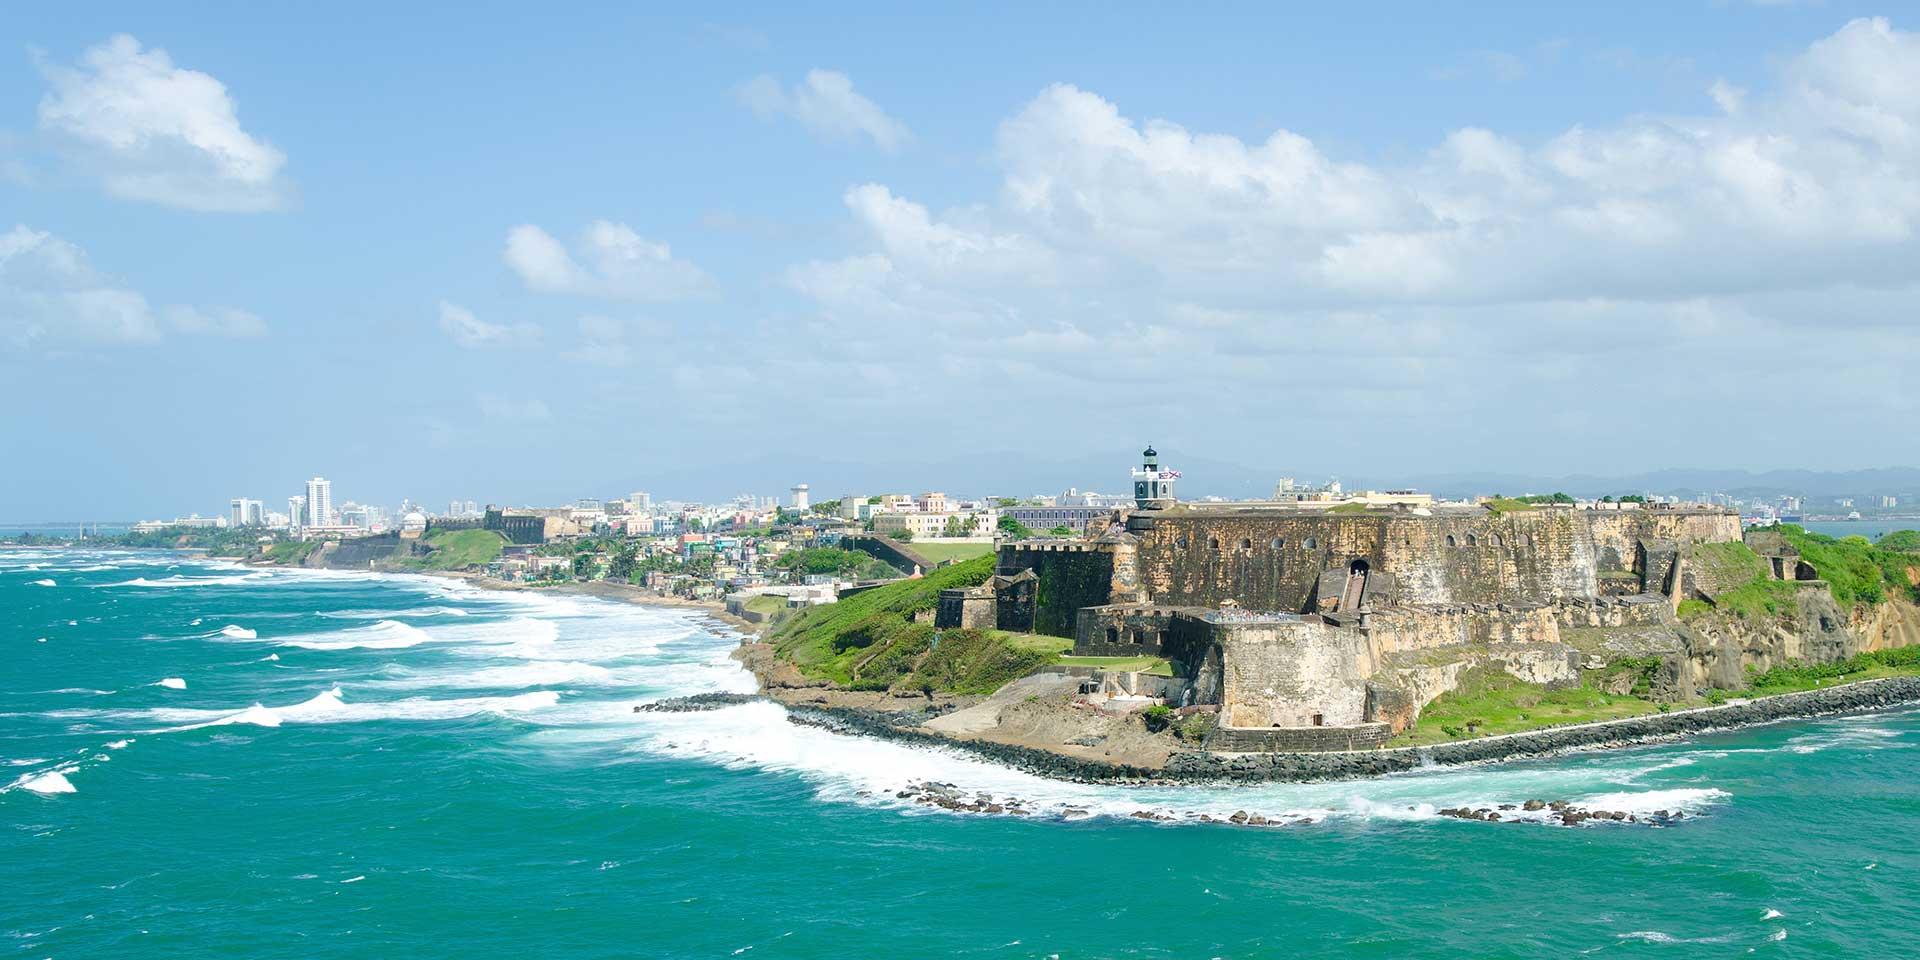 Sports Betting in Puerto Rico Looks Like A Winner